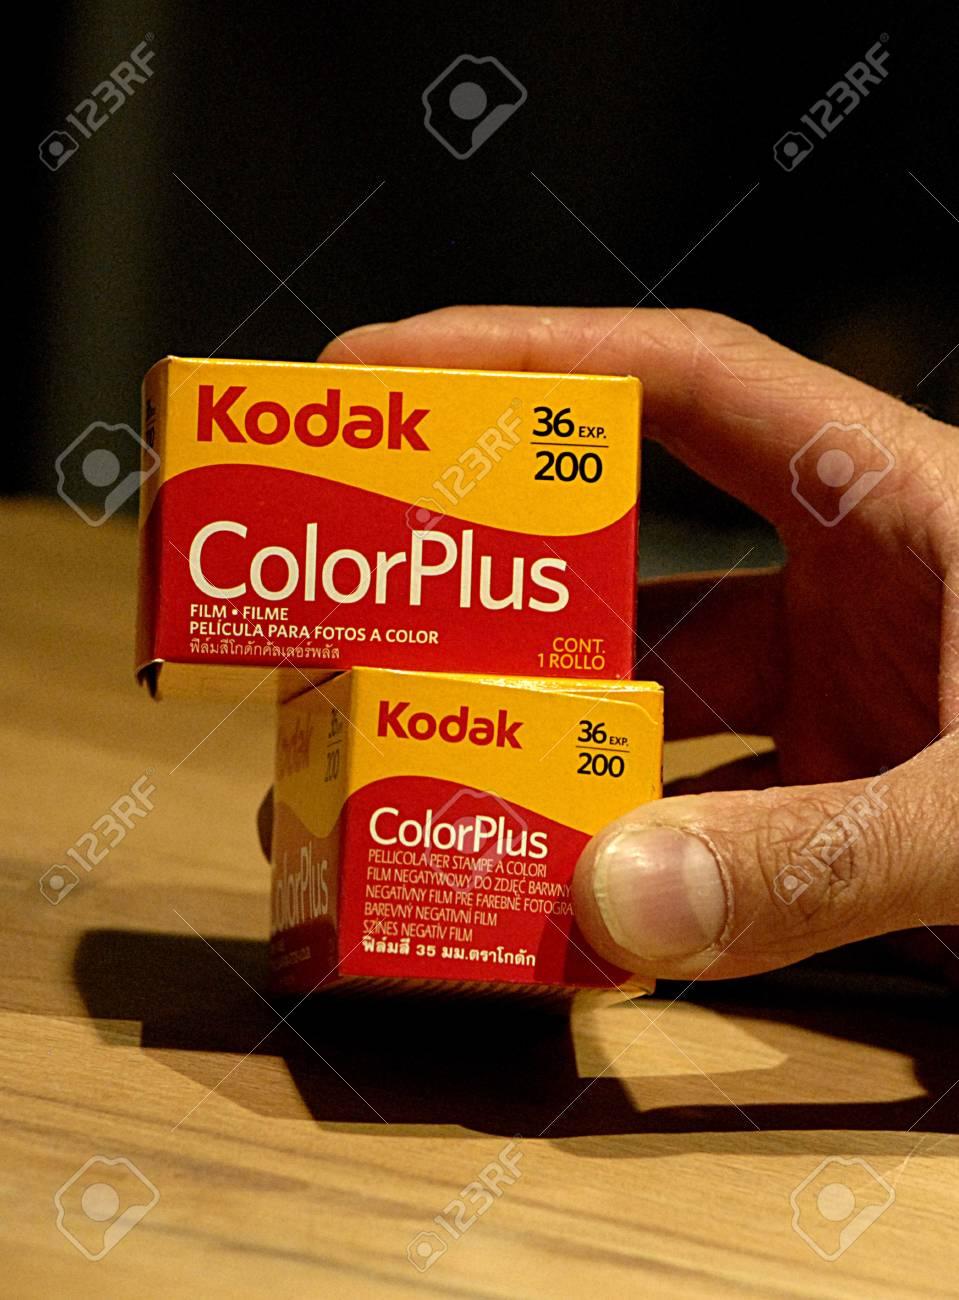 Copenhagen / Denmark -Kodak film rolls still sells in photos